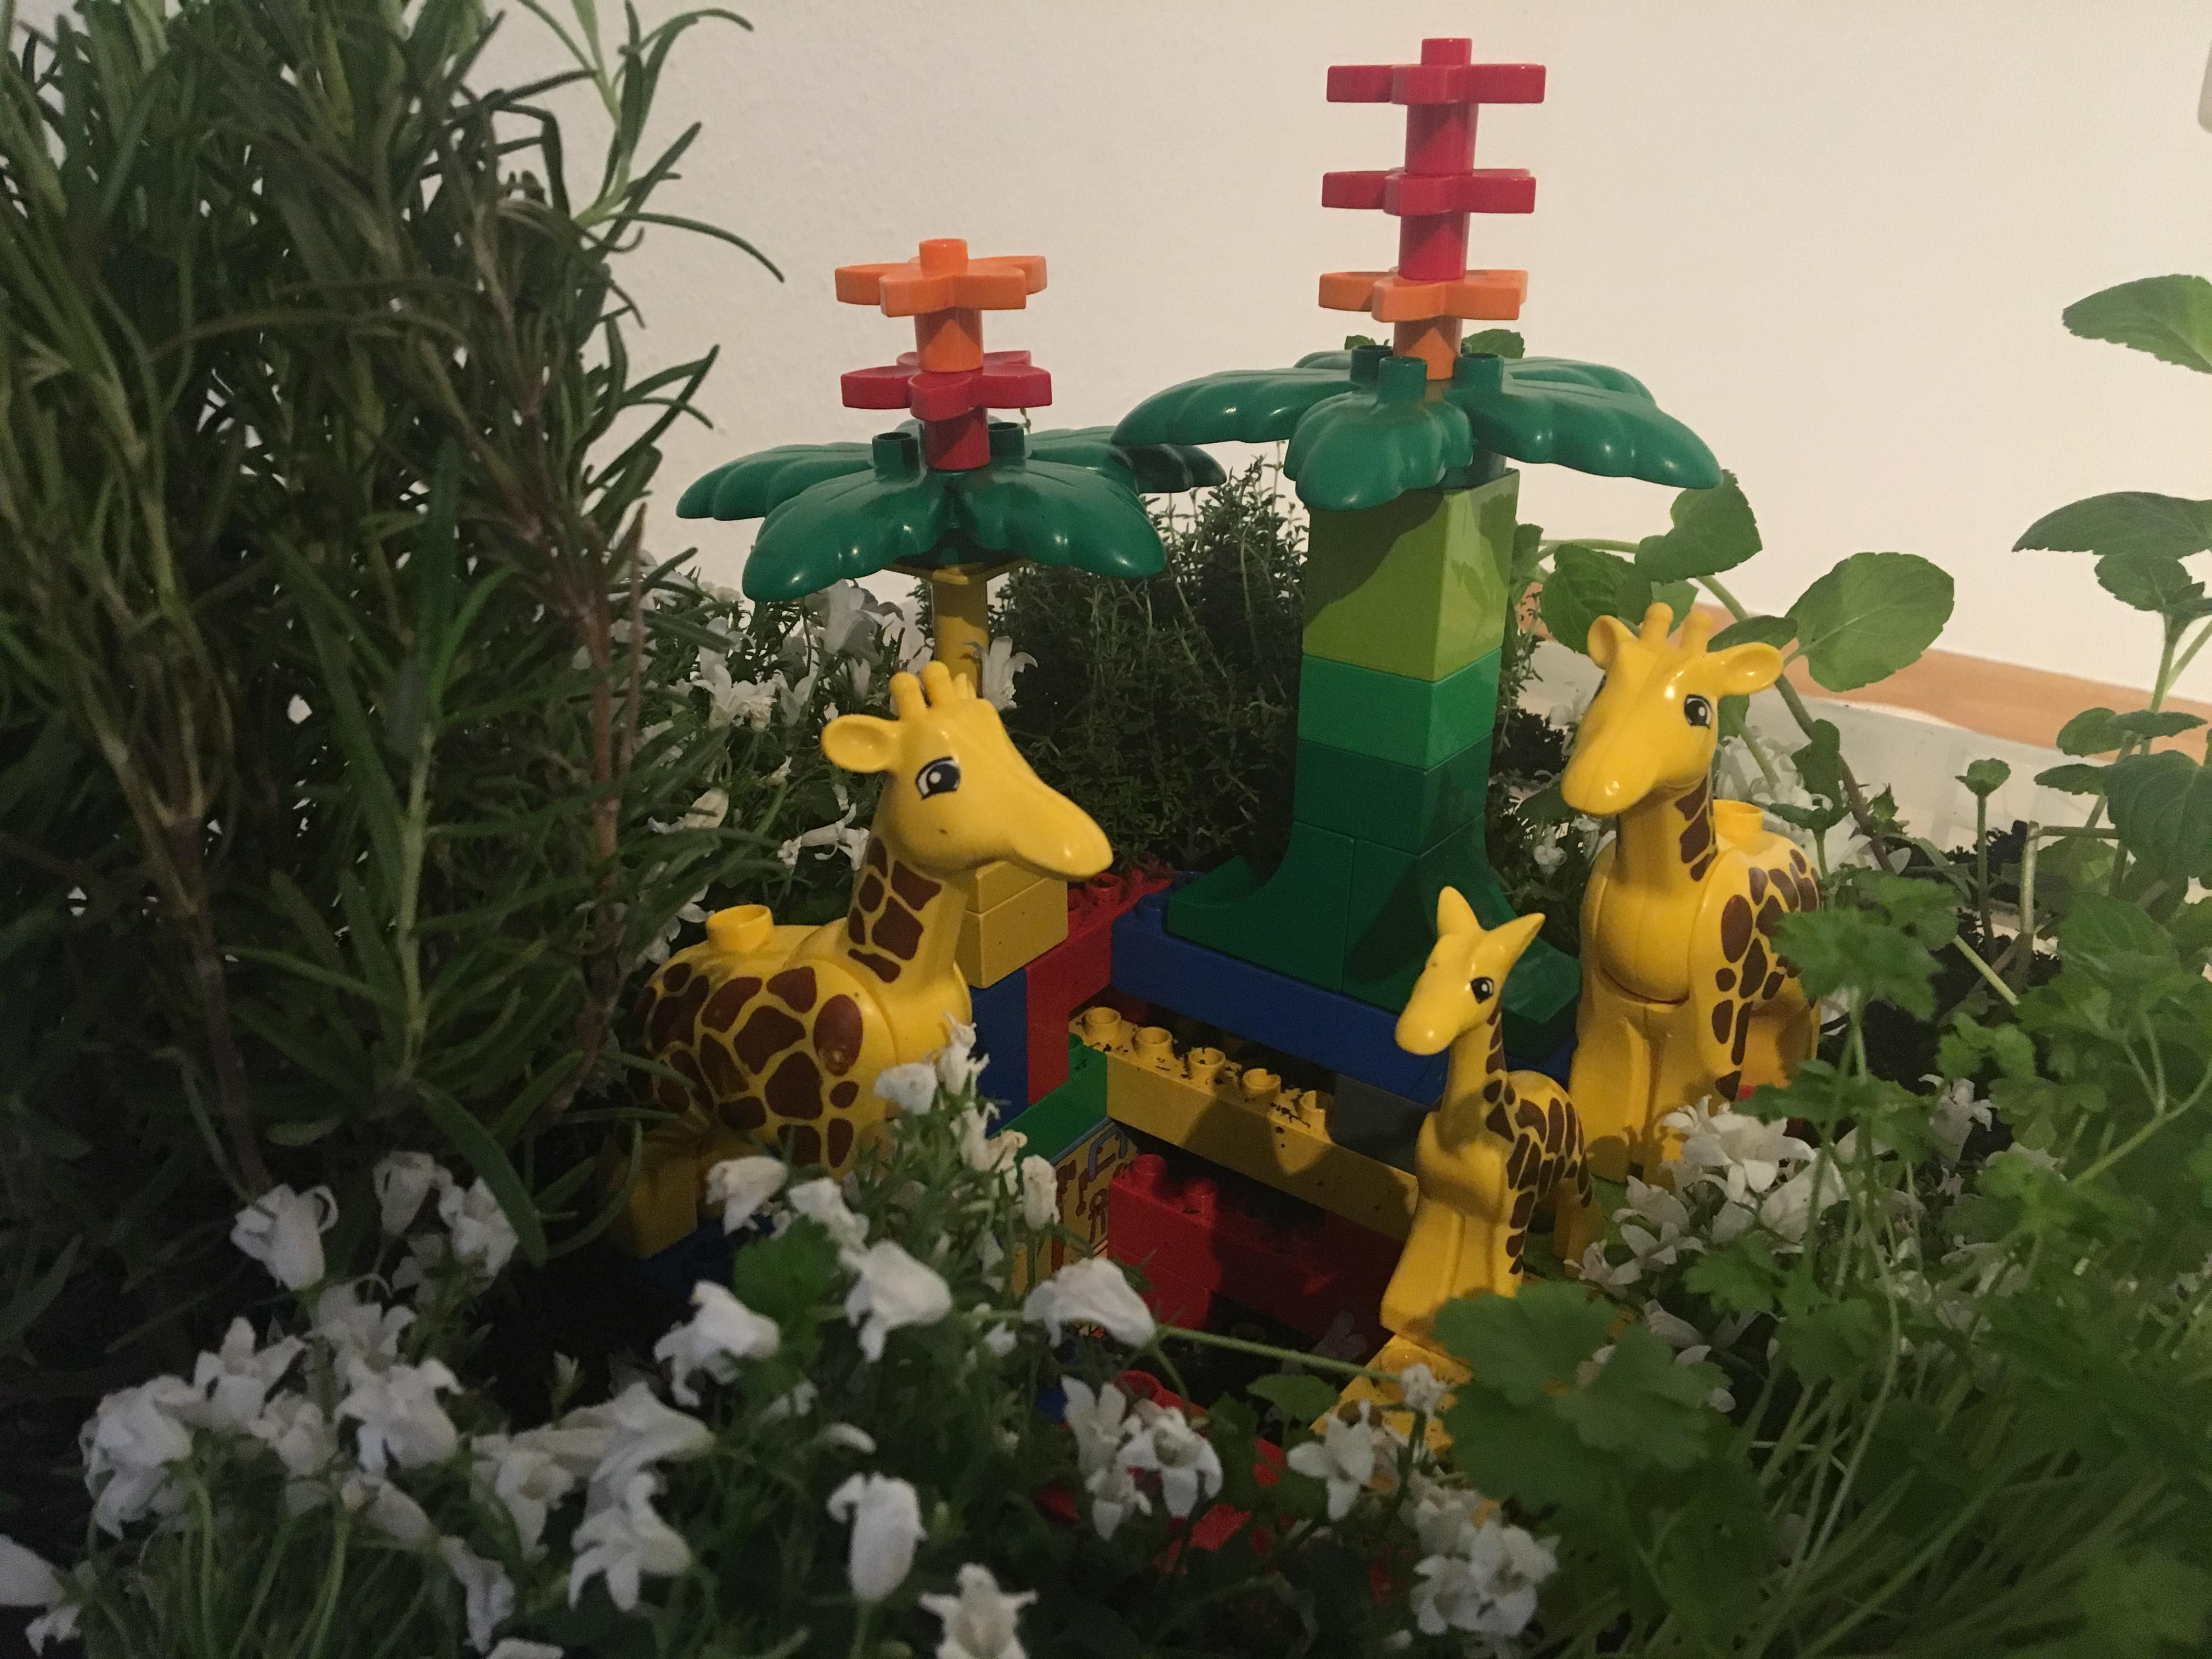 Lego-Tier-Varianten der Sprachspinat Wupf-Wurm-Pflanzen-Kiste mit gebrauchten Legosteinen und Tierfiguren